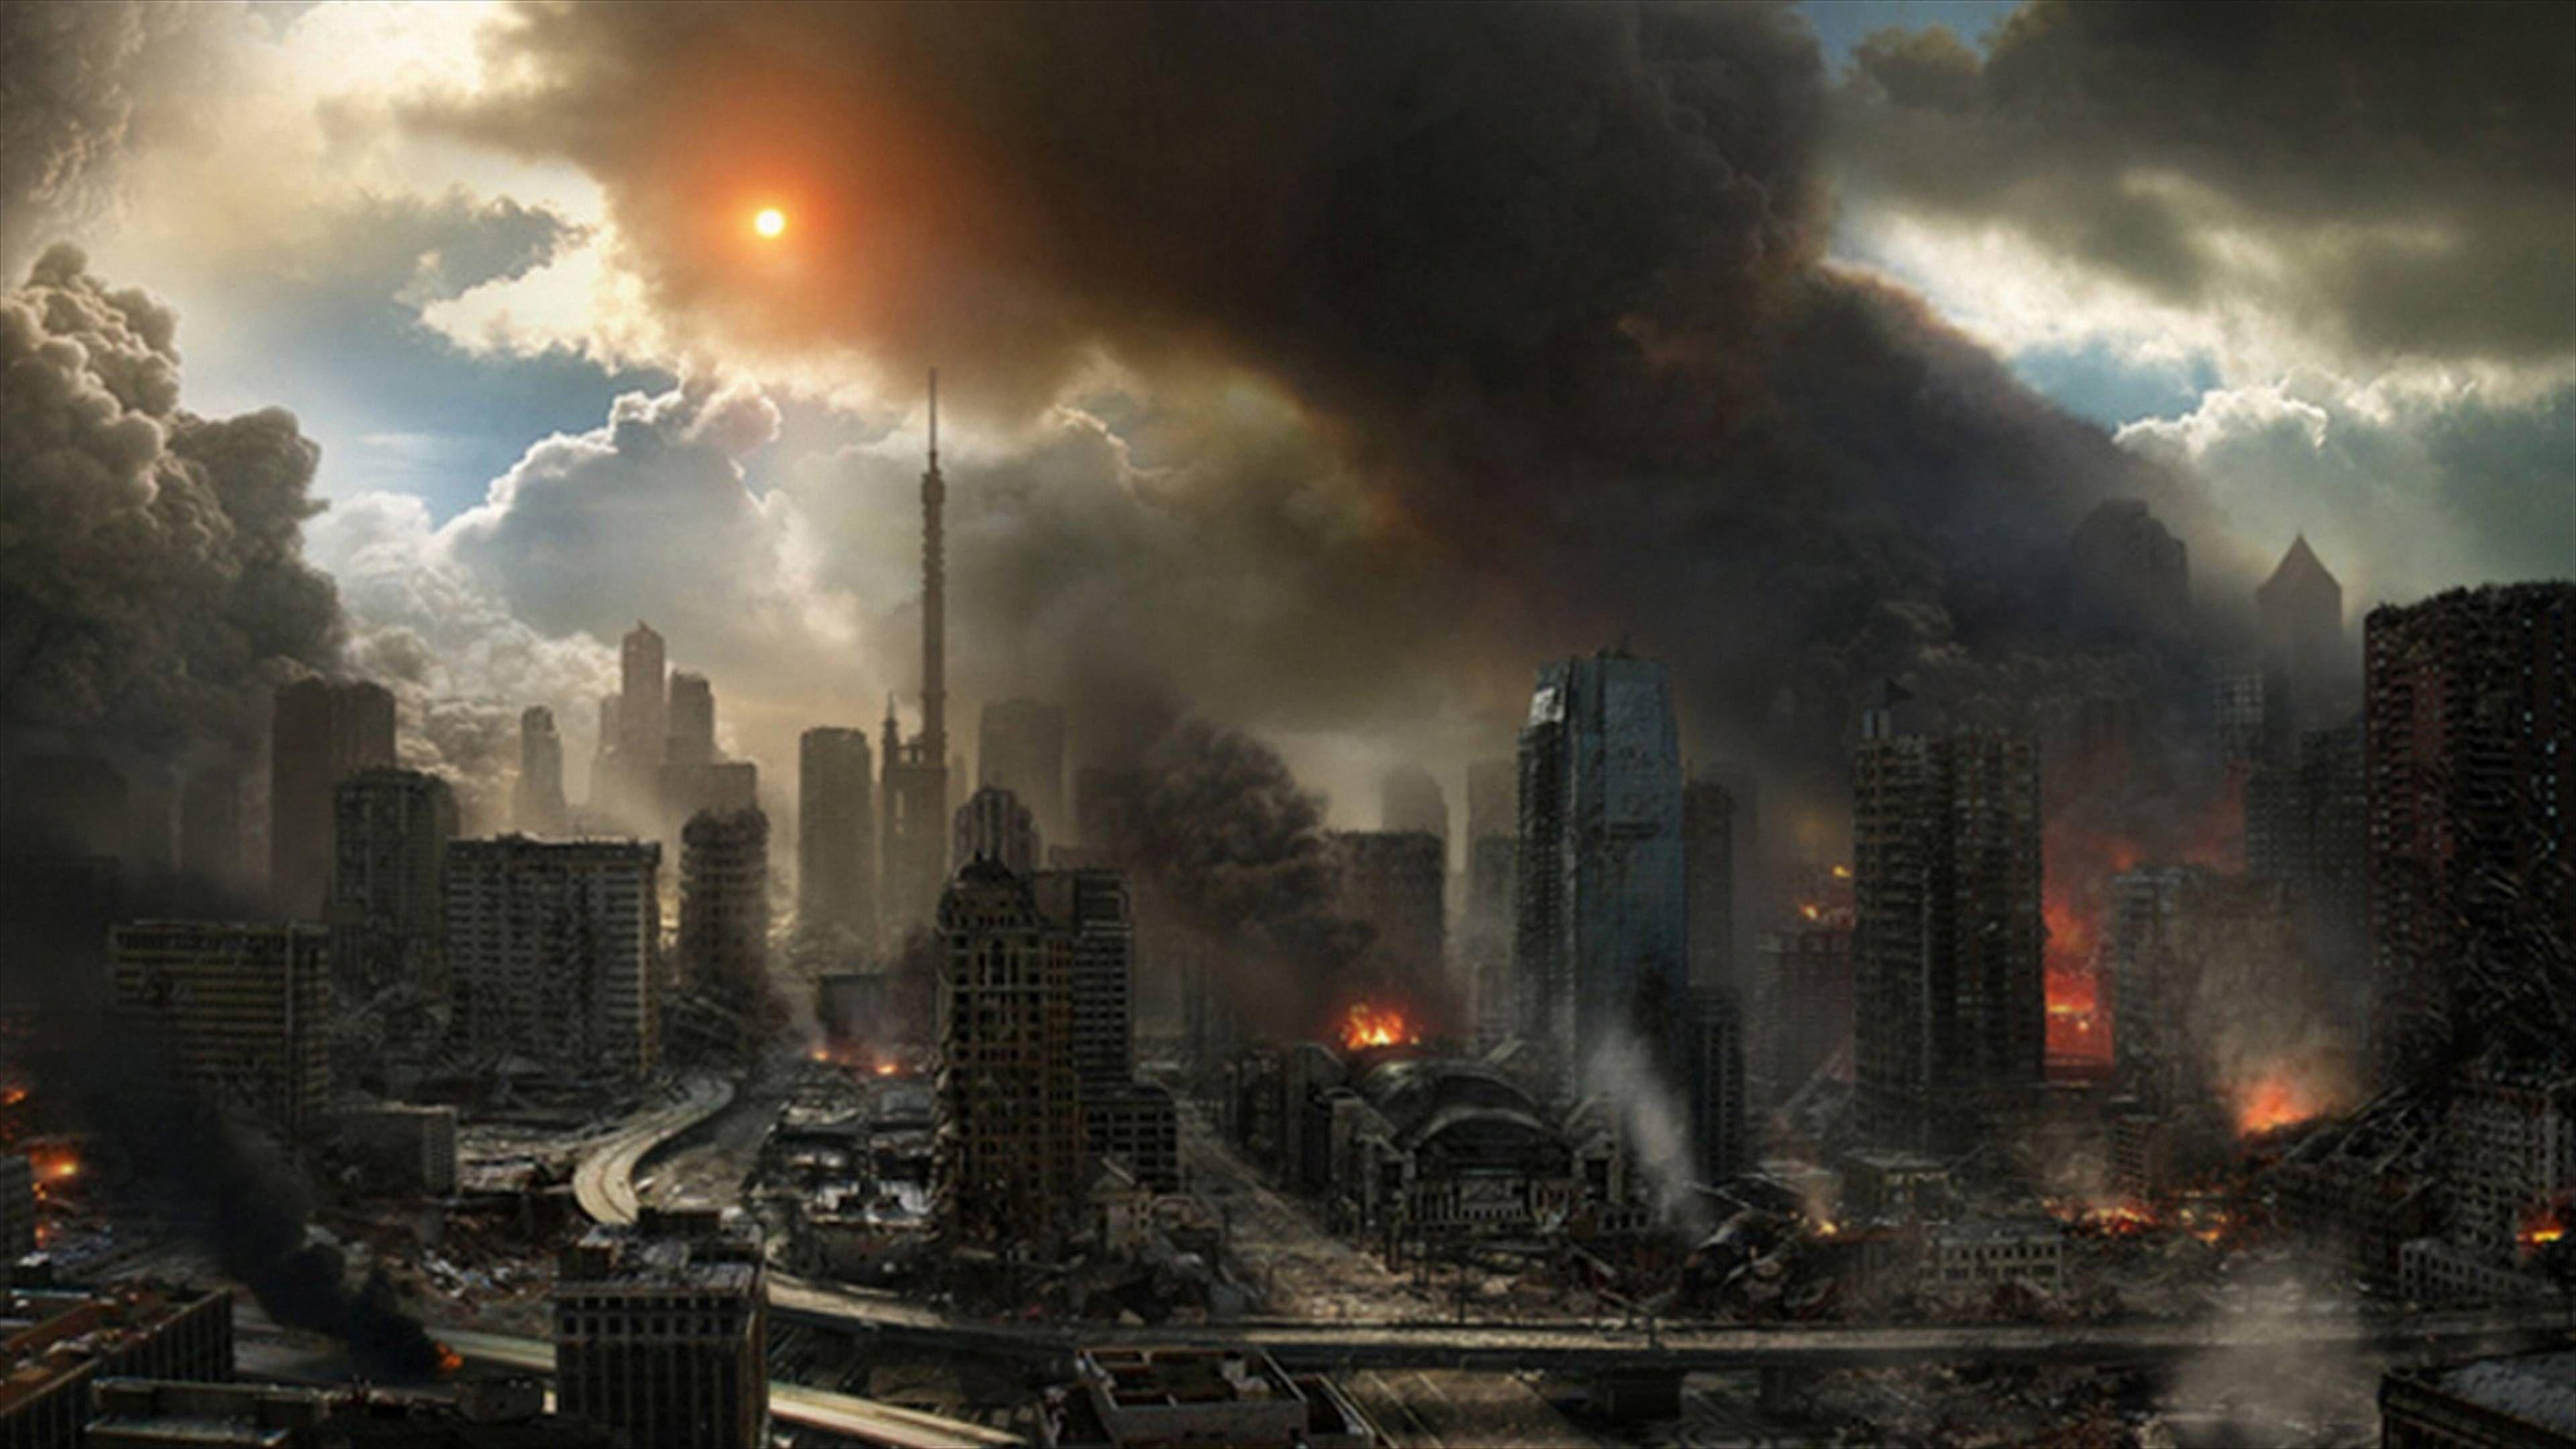 72 Apocalyptic Wallpapers Apocalyptic Backgrounds apocalyptic 3840x2160